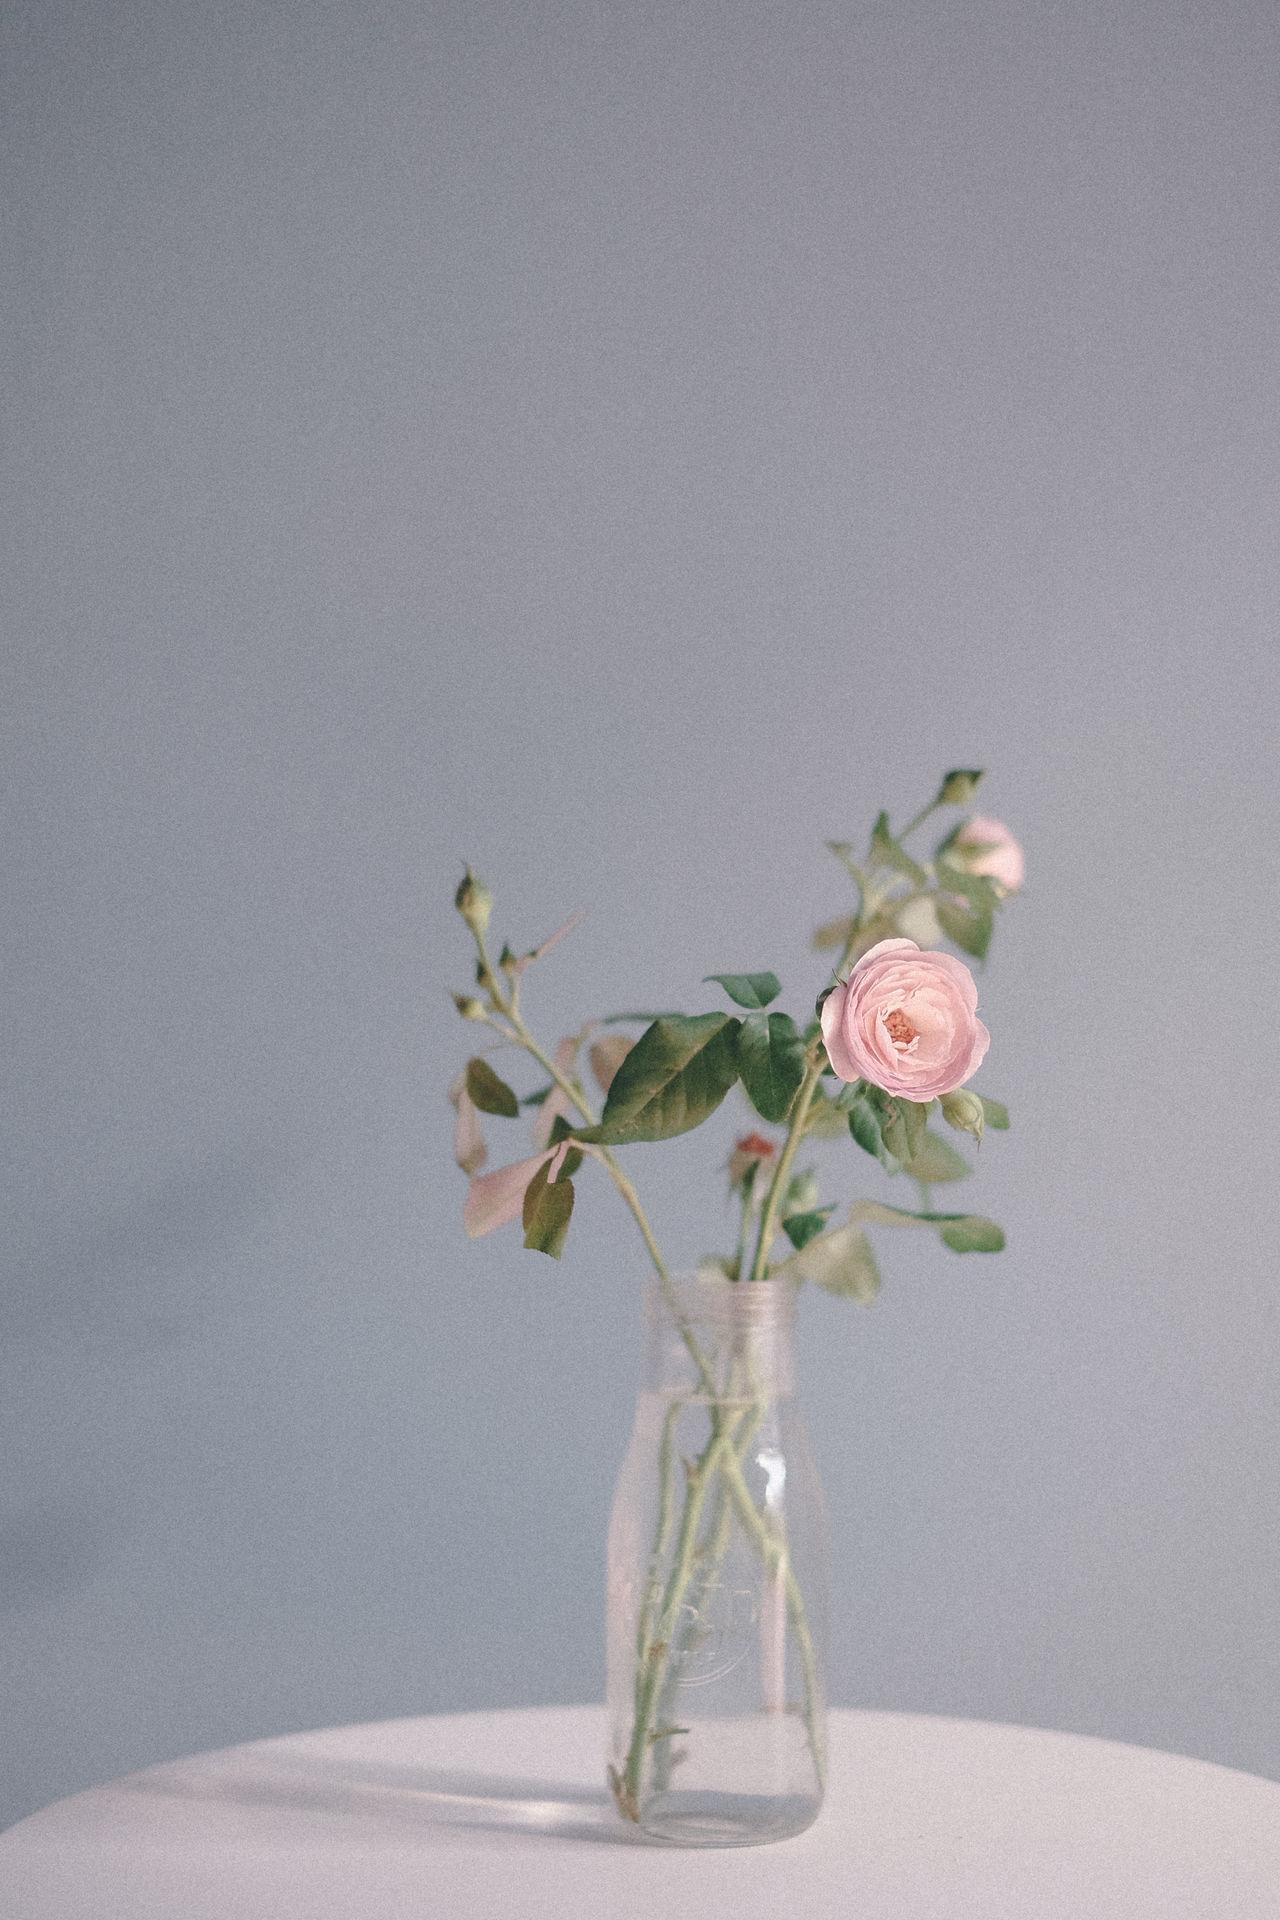 Beauty in nature :) Beauty In Nature EyeEm Nature Lover Flower Freshness Plant Roses Vase White Background